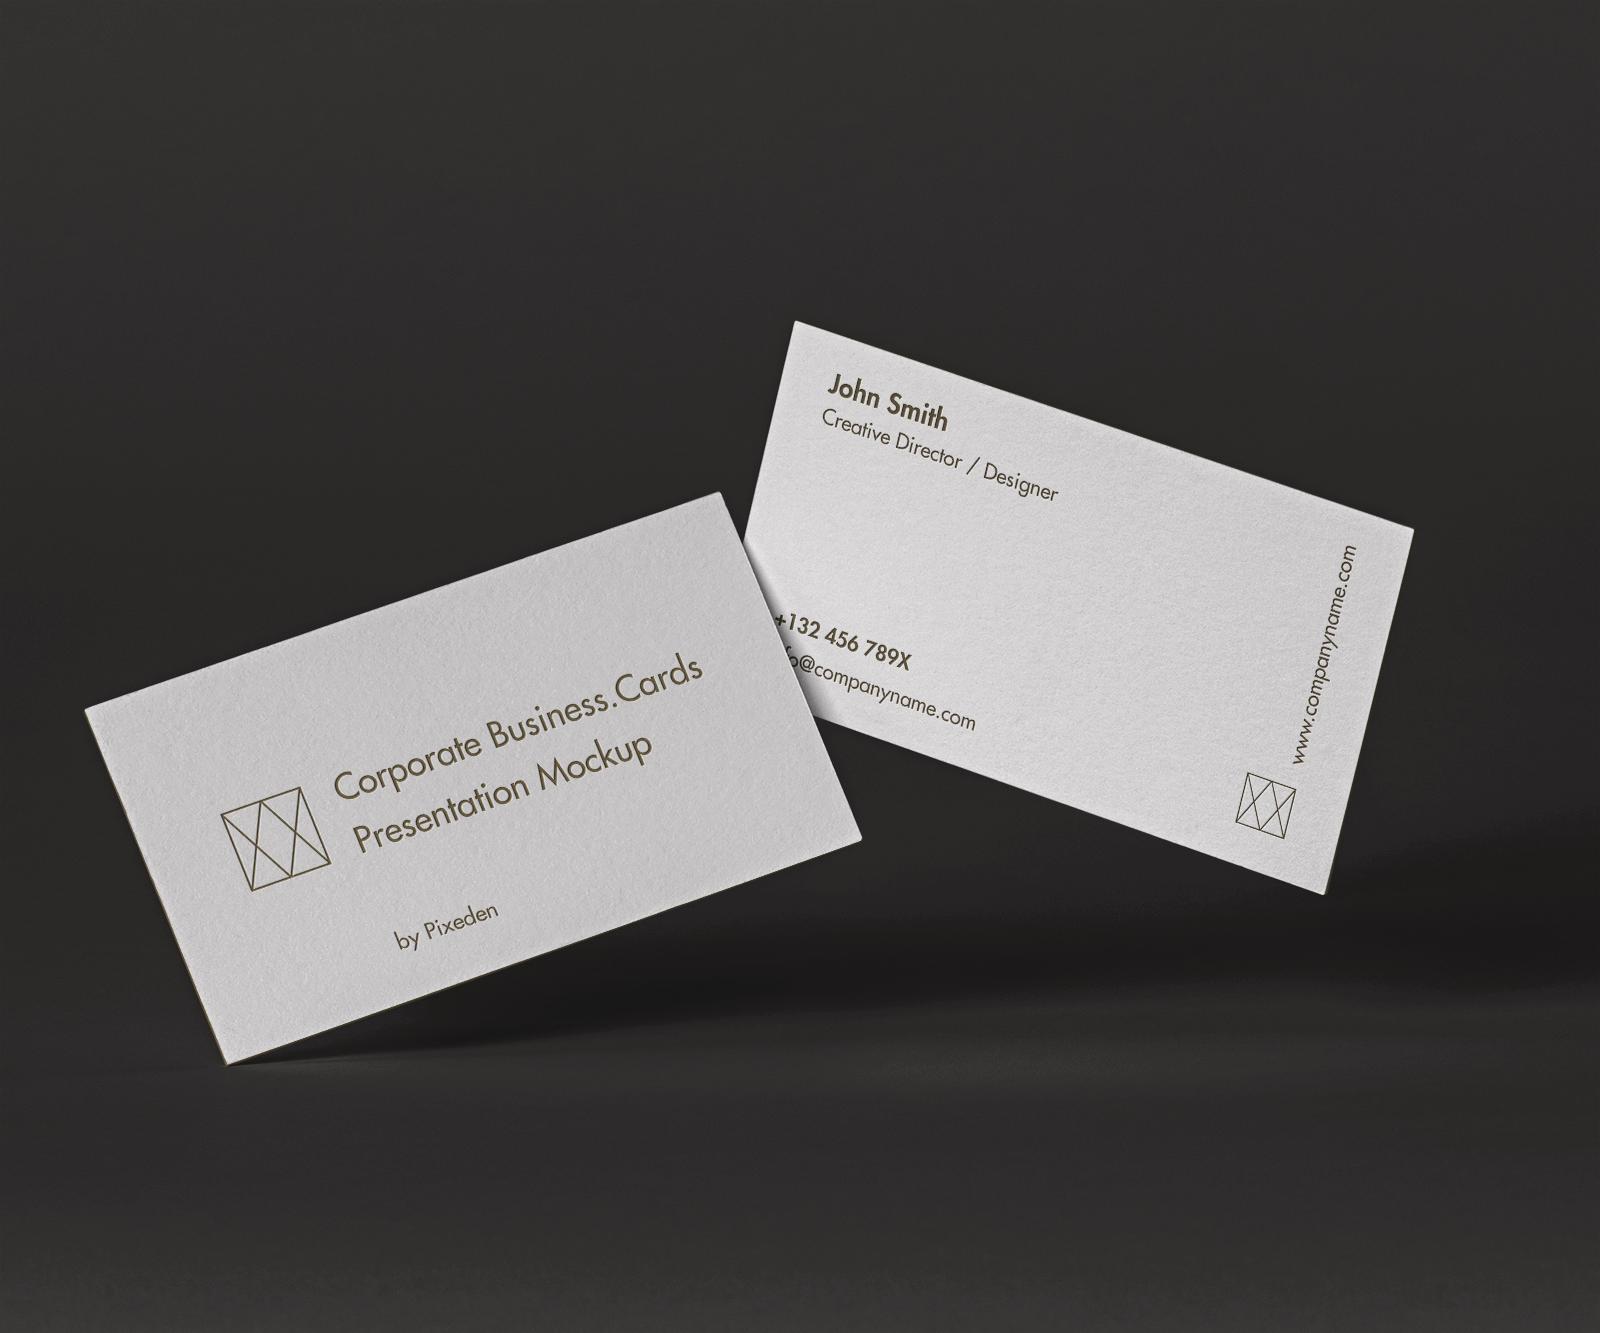 Free Elegant Business Cards Mockup 1